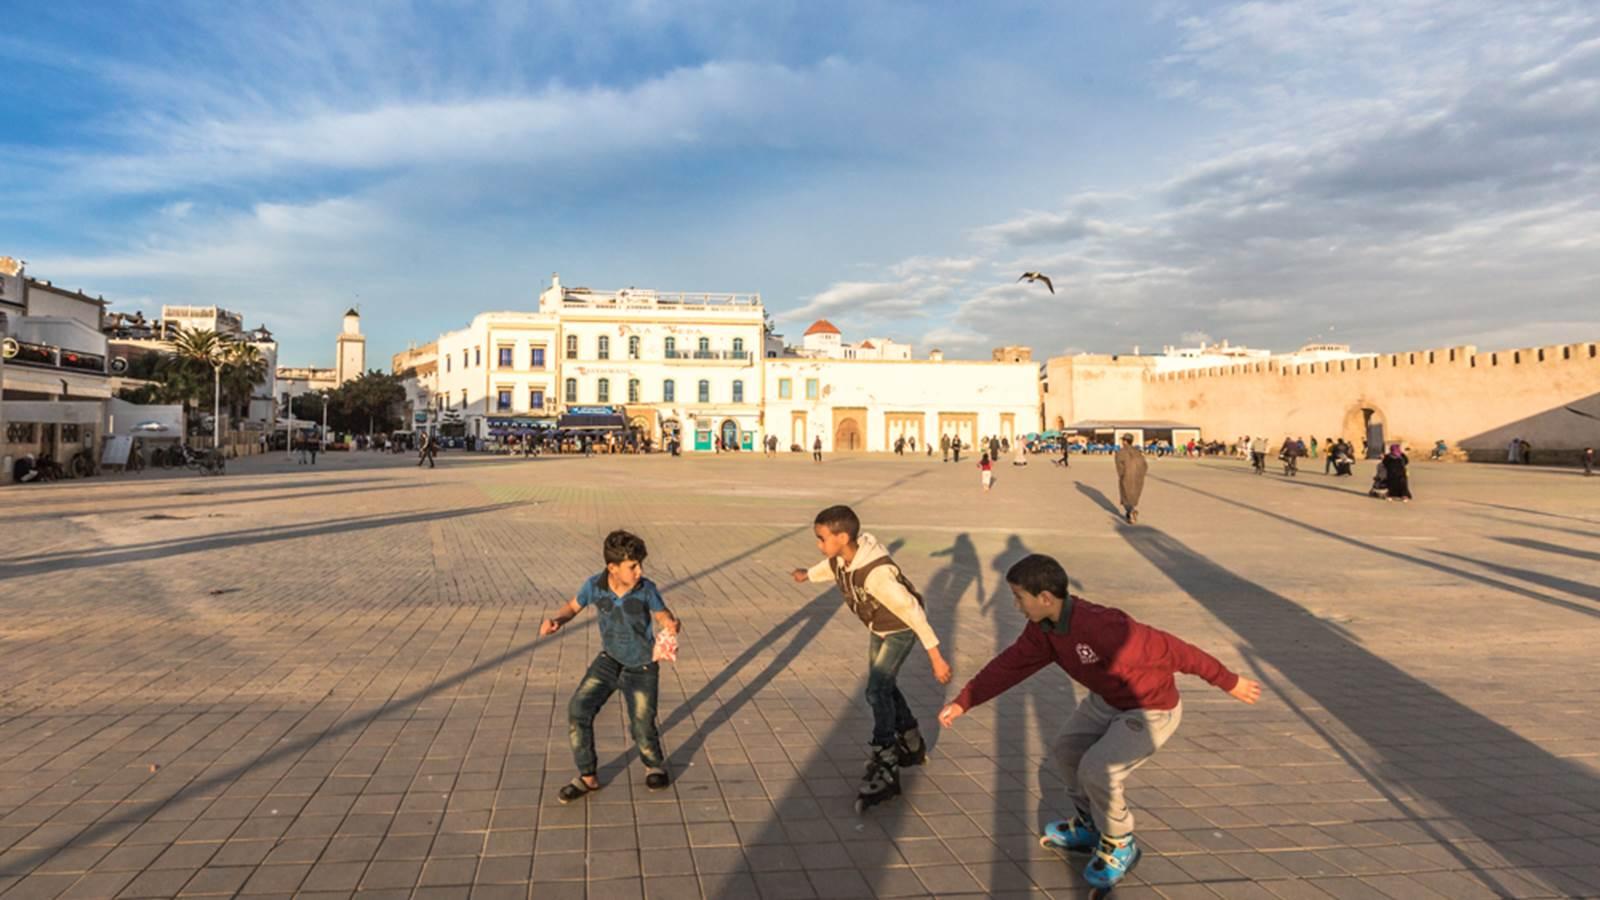 Les ruelles et places de la médina Essaouira